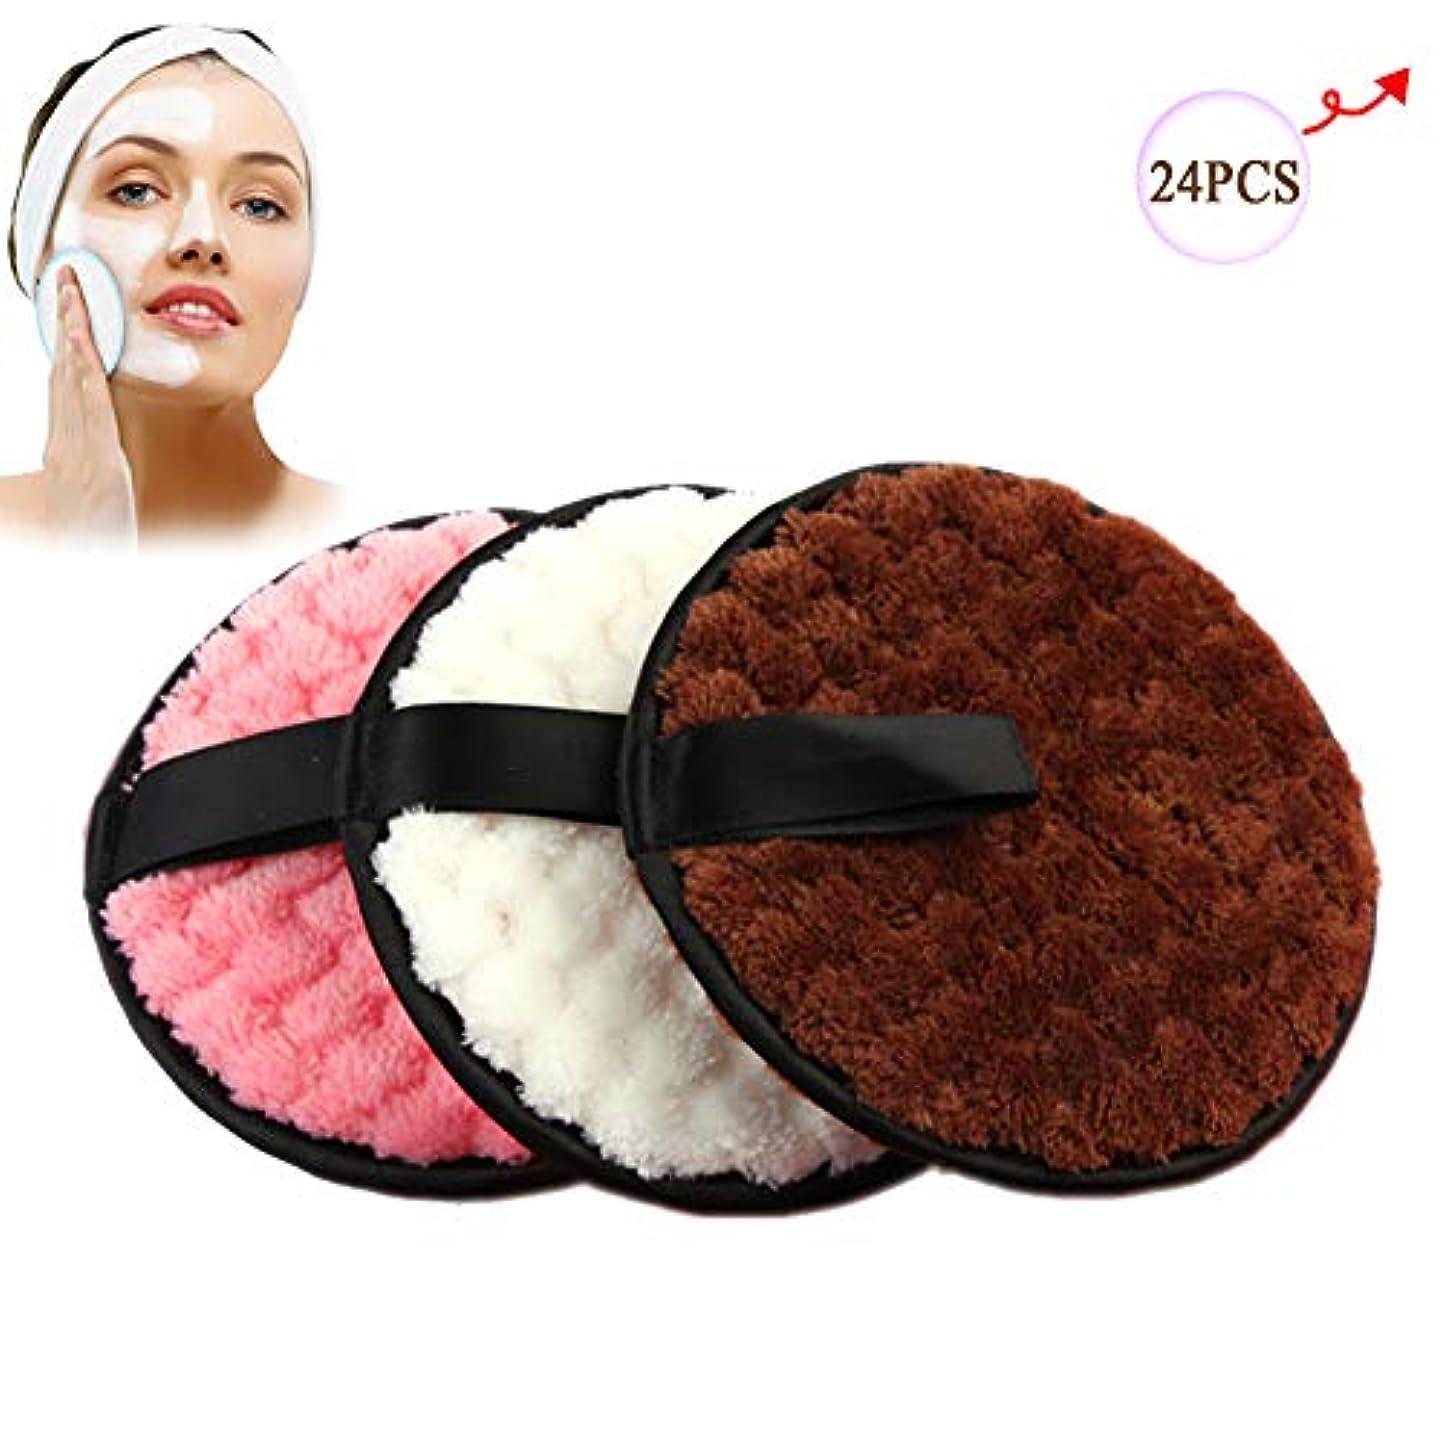 悪化させるストライクプレゼンリムーバーパッド、再利用可能なクレンジングコットンファイバー吸収性綿パッド女性のための顔/目/唇,24PCS